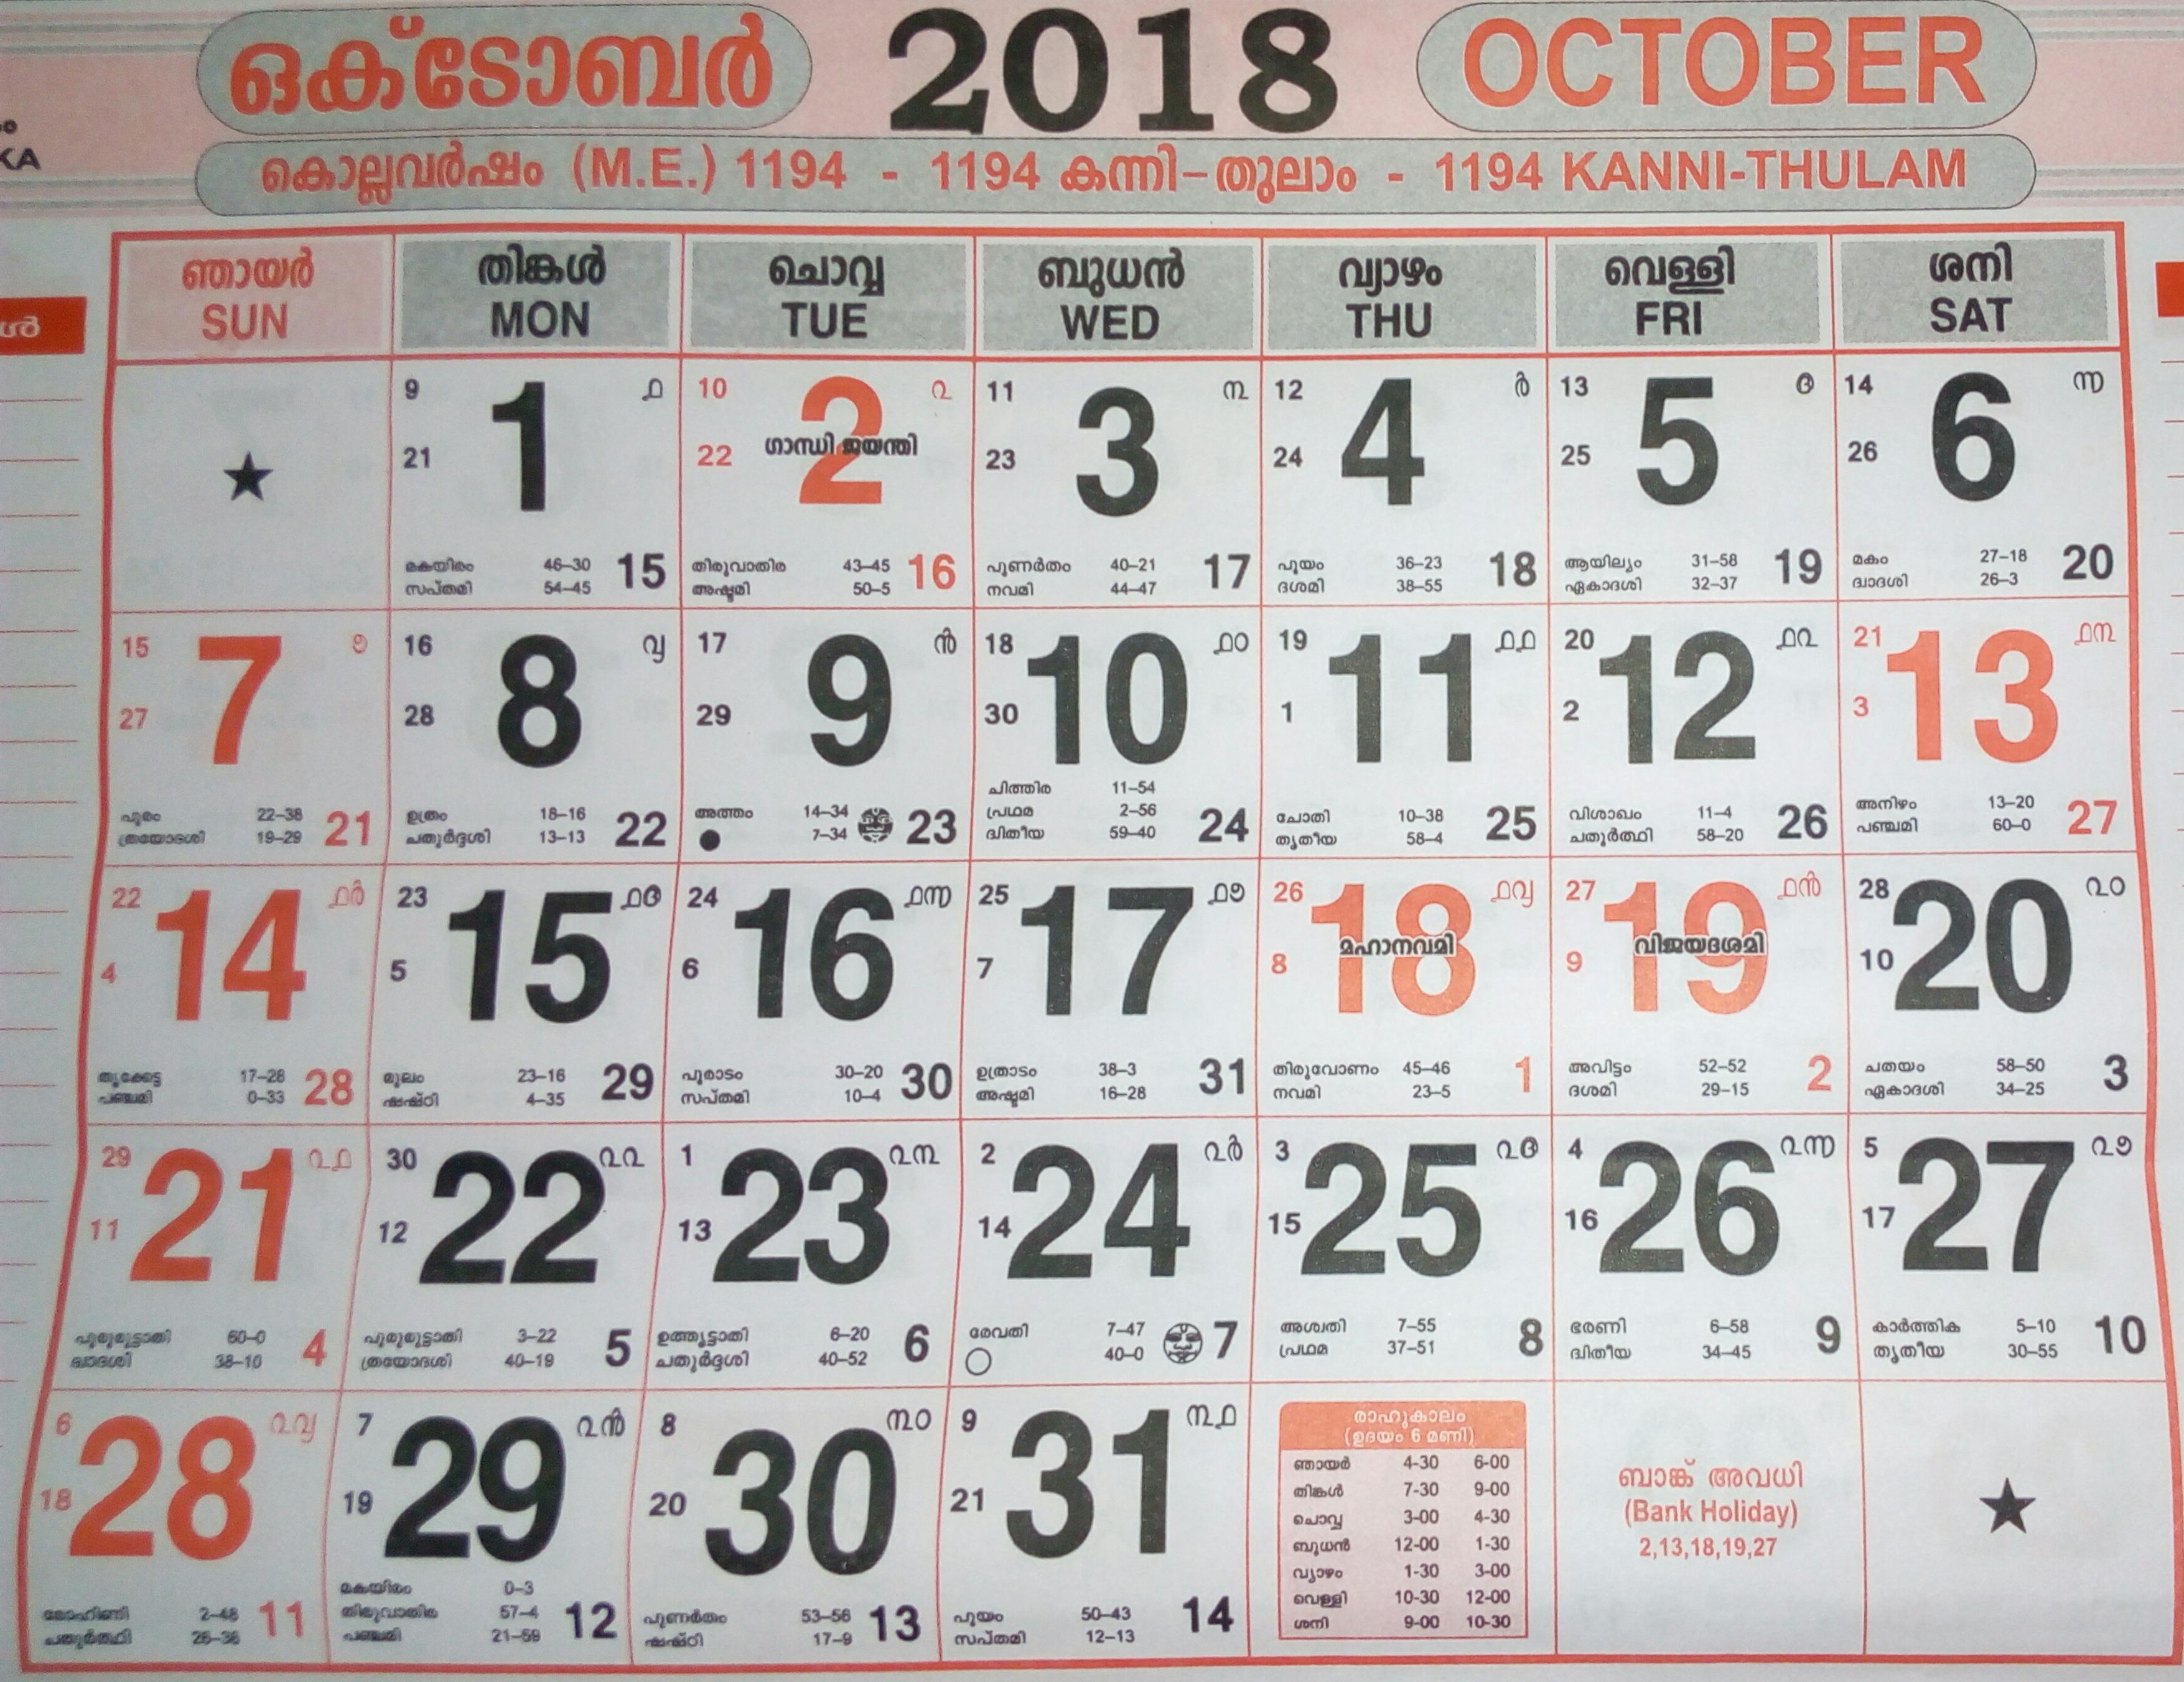 October 2018 Calendar Malayalam intended for Malayalam Calendar September 2018